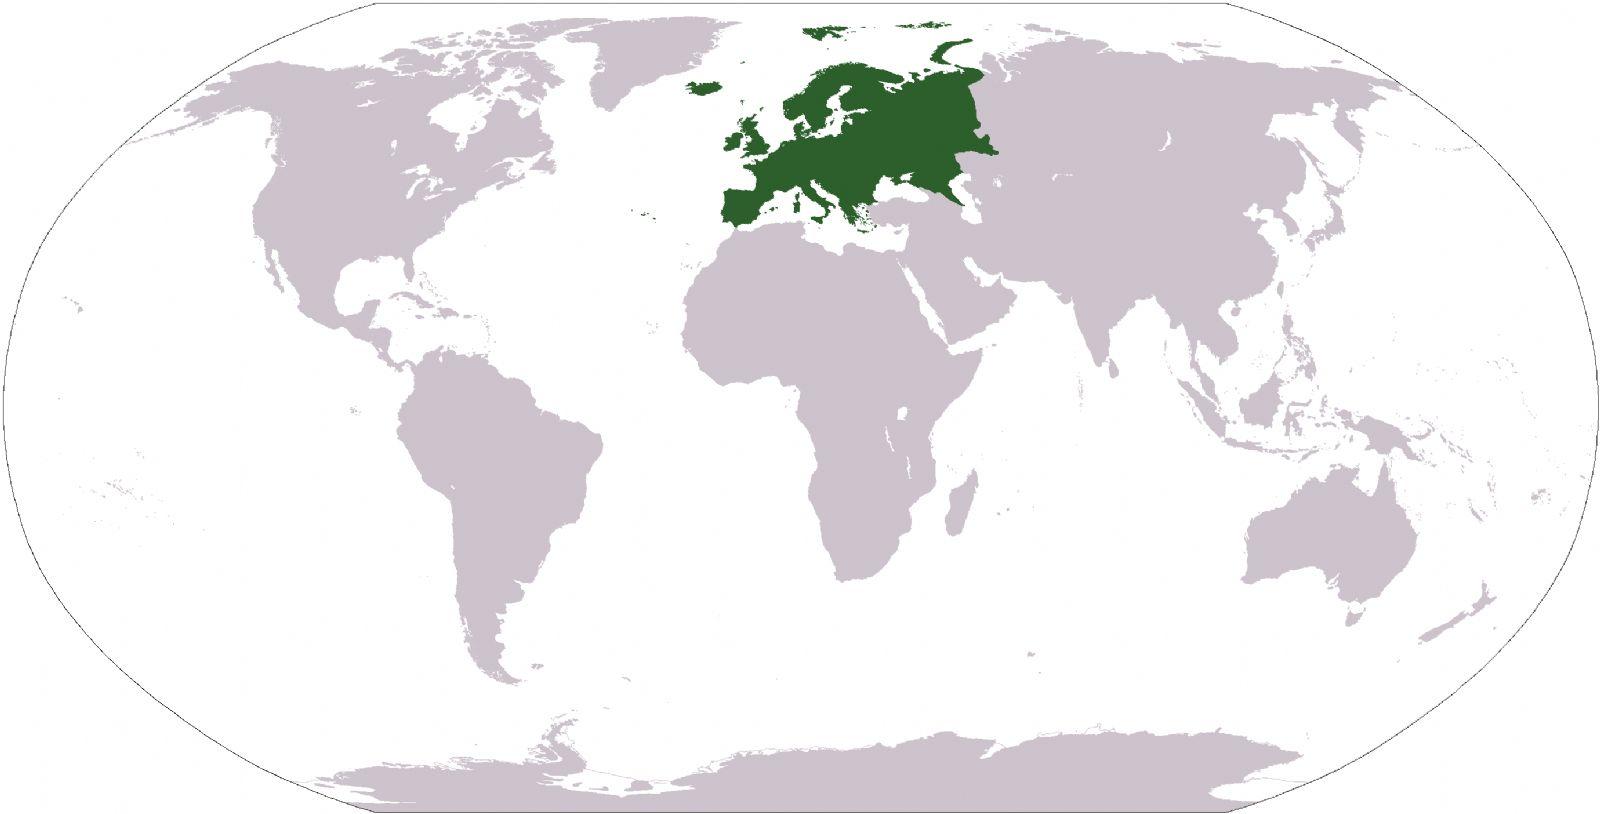 Mapa de ubicación geográfica de Europa